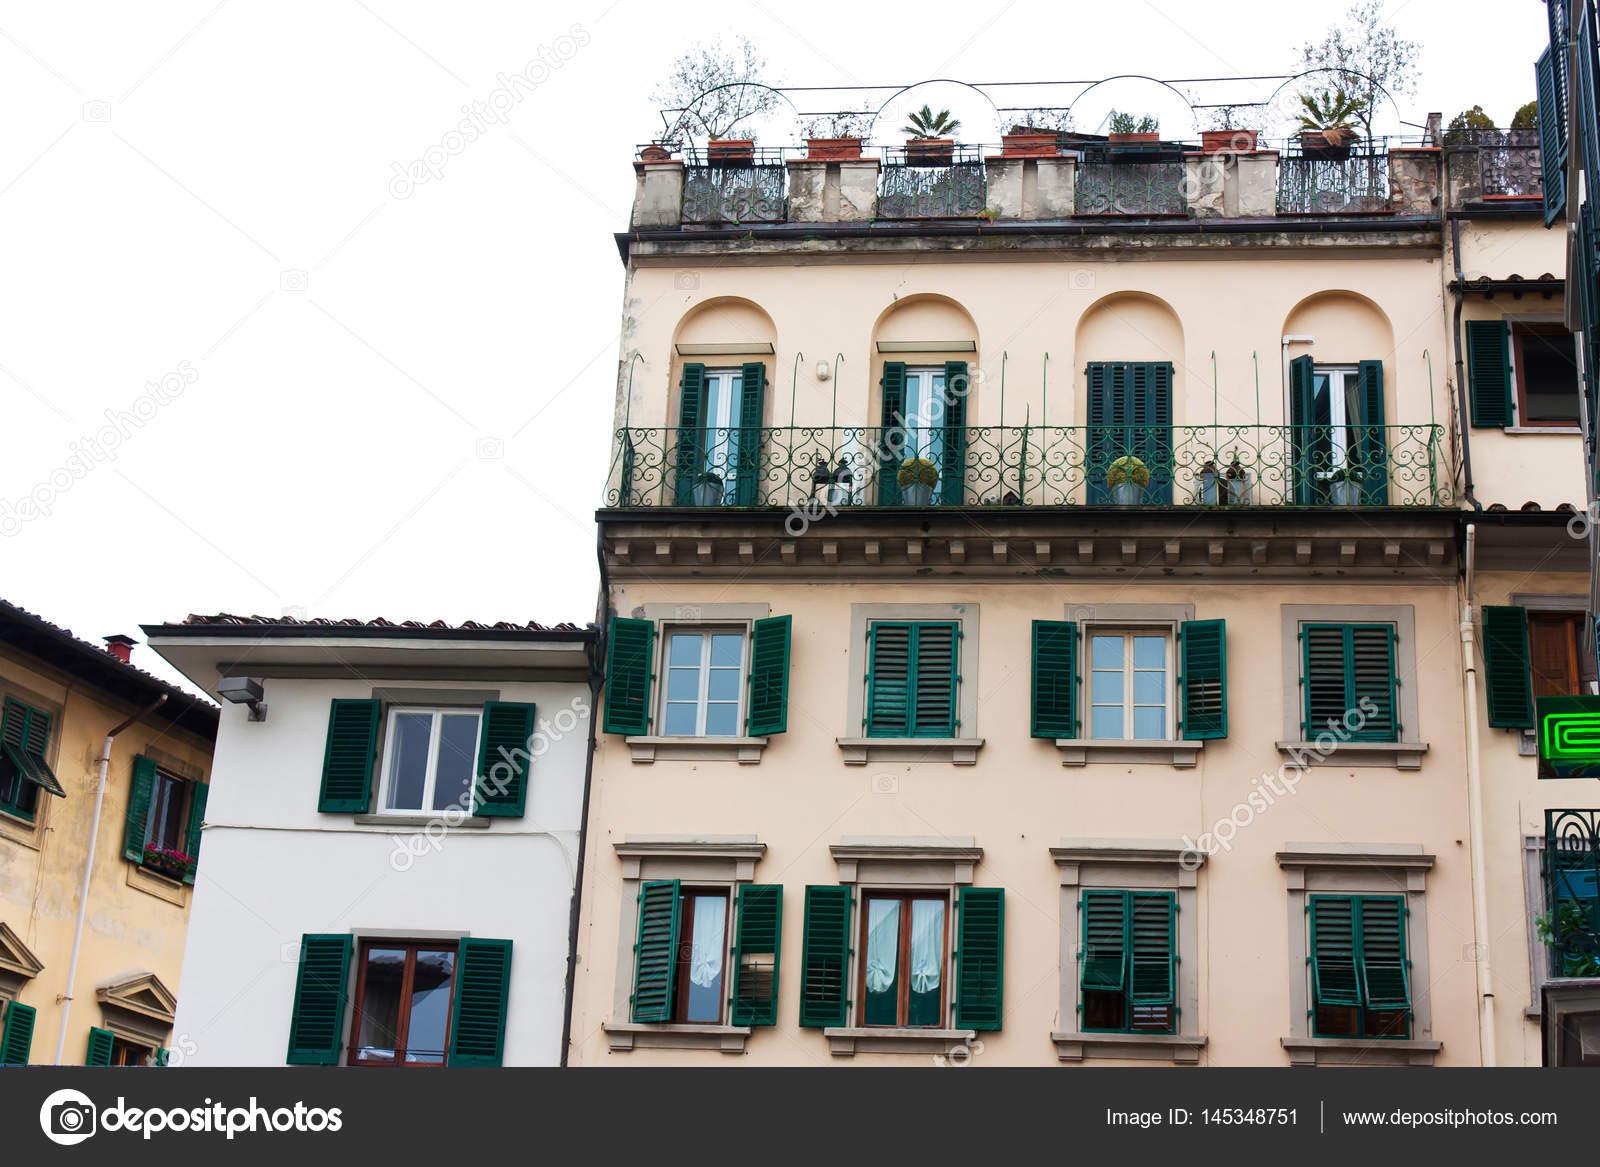 Casa italiana con persiane verdi a firenze foto stock for Casa italiana